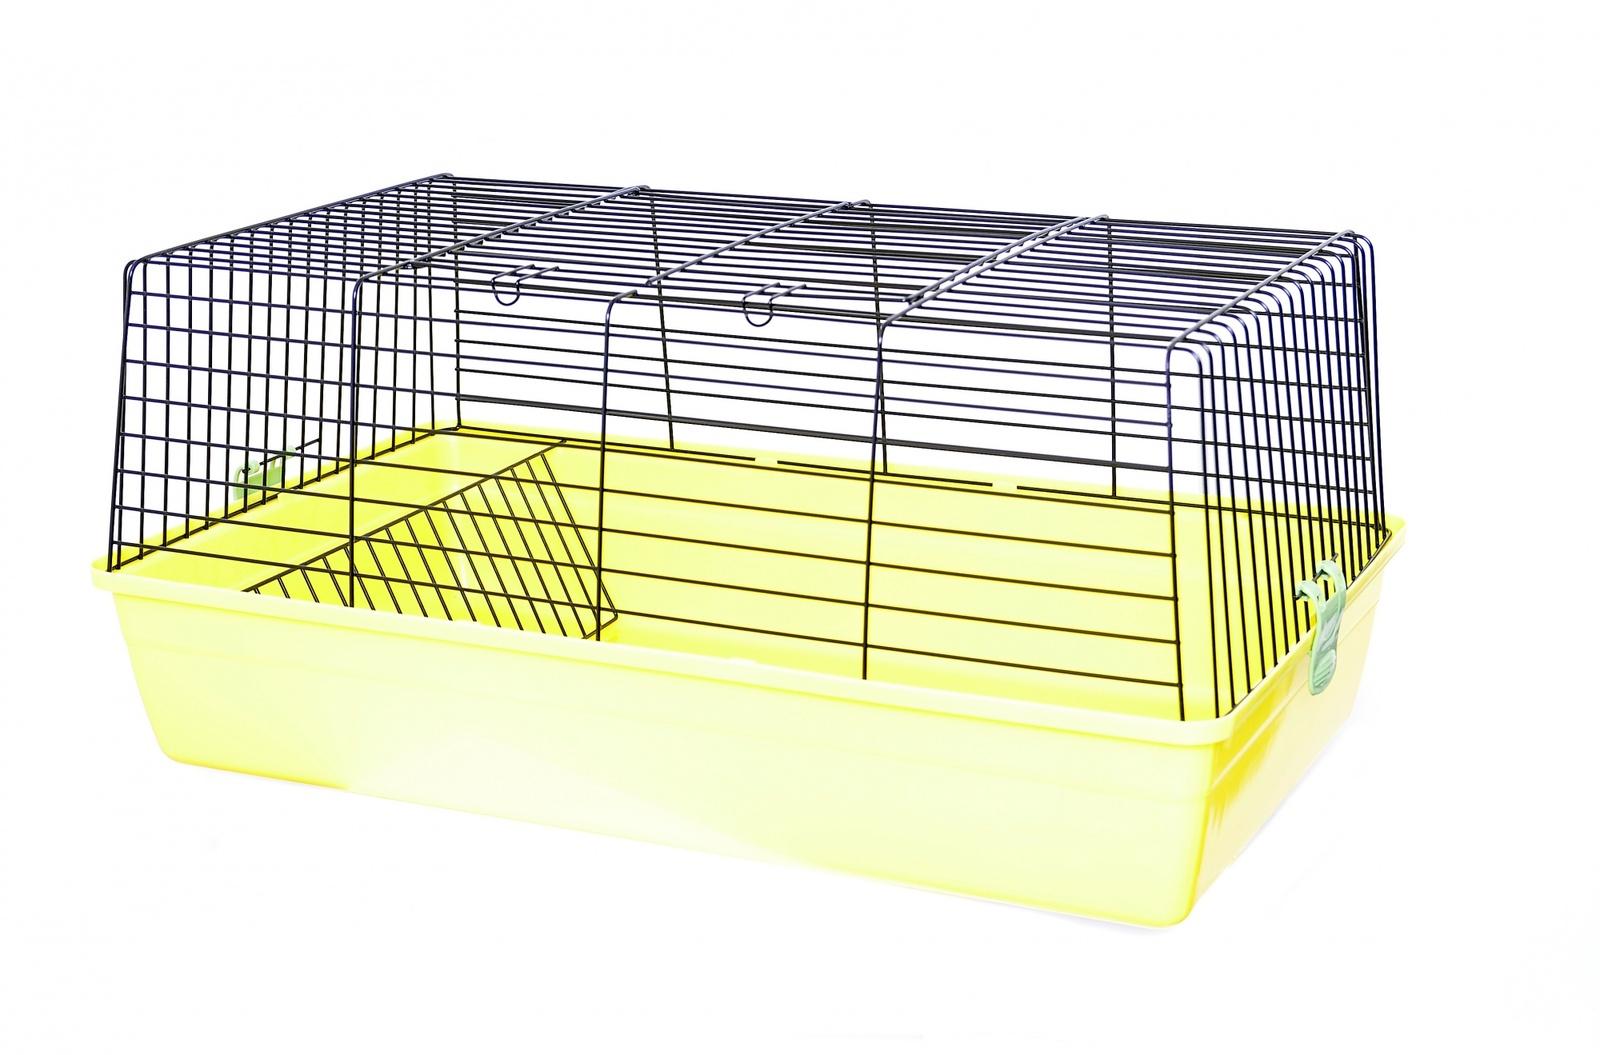 benelux Benelux Клетка для грызунов 70 * 45 * 36 см (Rodent cage cavie 3 coloured funny) 35166 31474